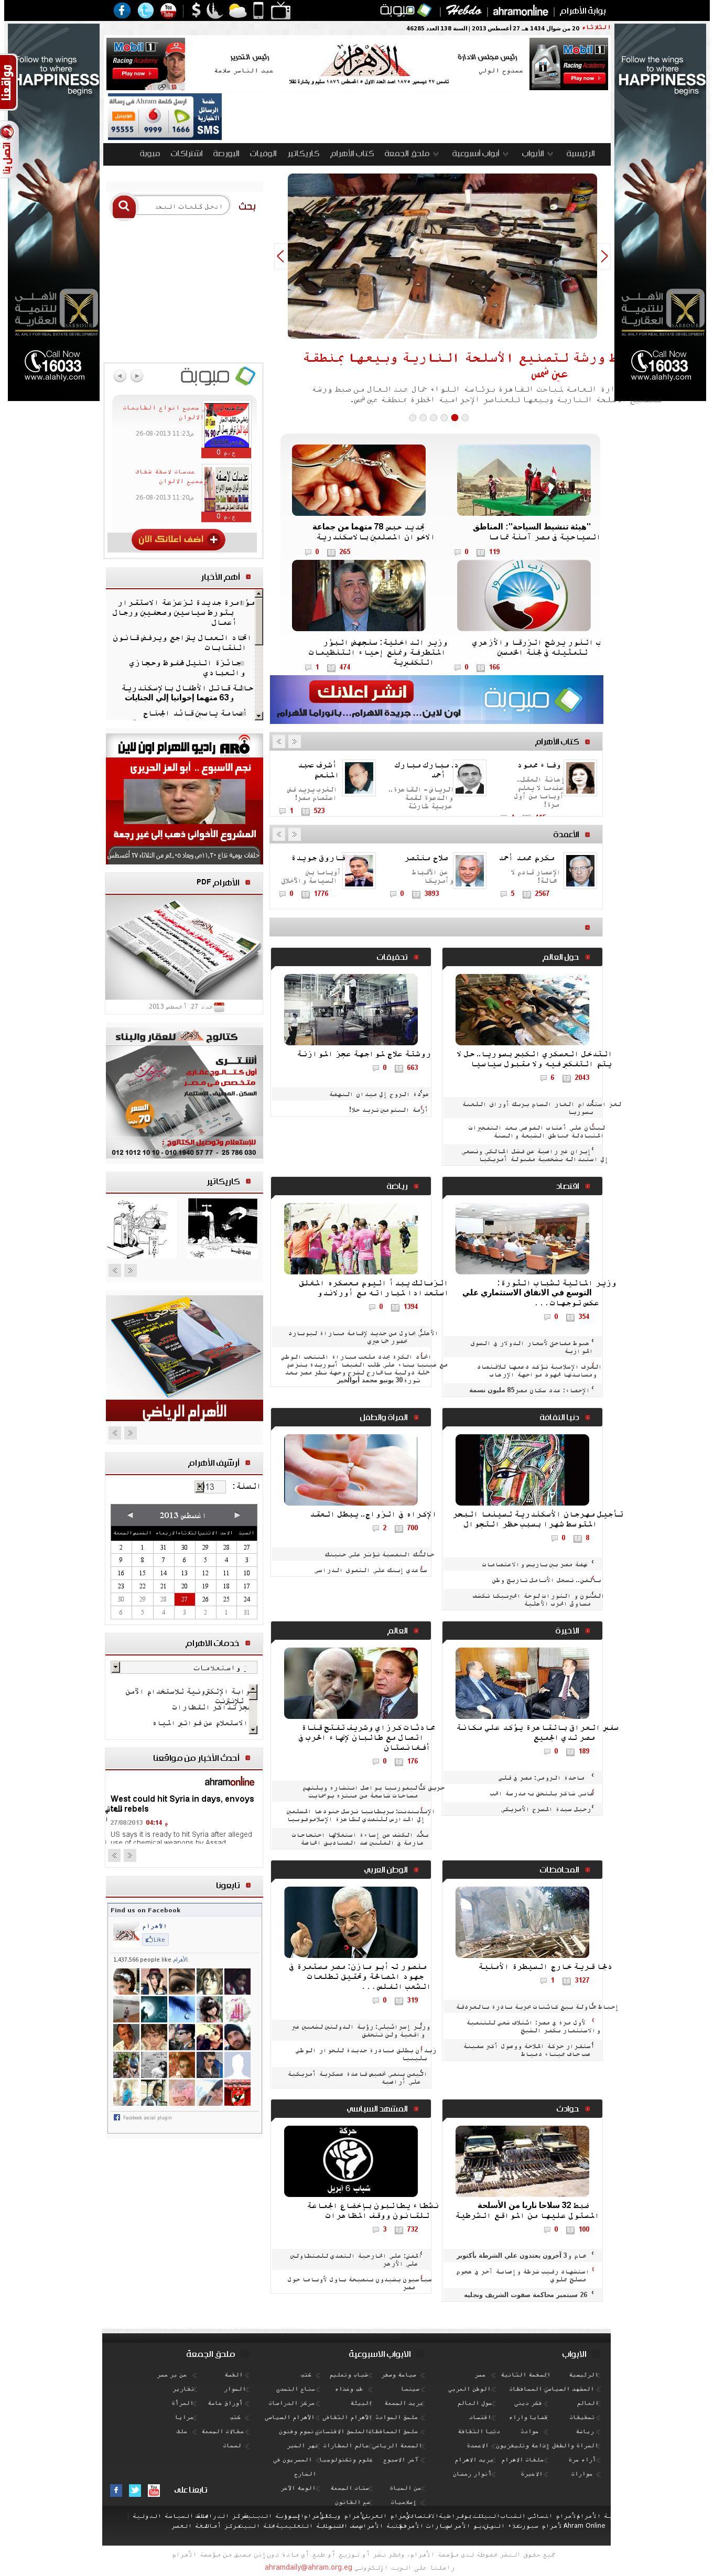 Al-Ahram at Tuesday Aug. 27, 2013, 4 p.m. UTC